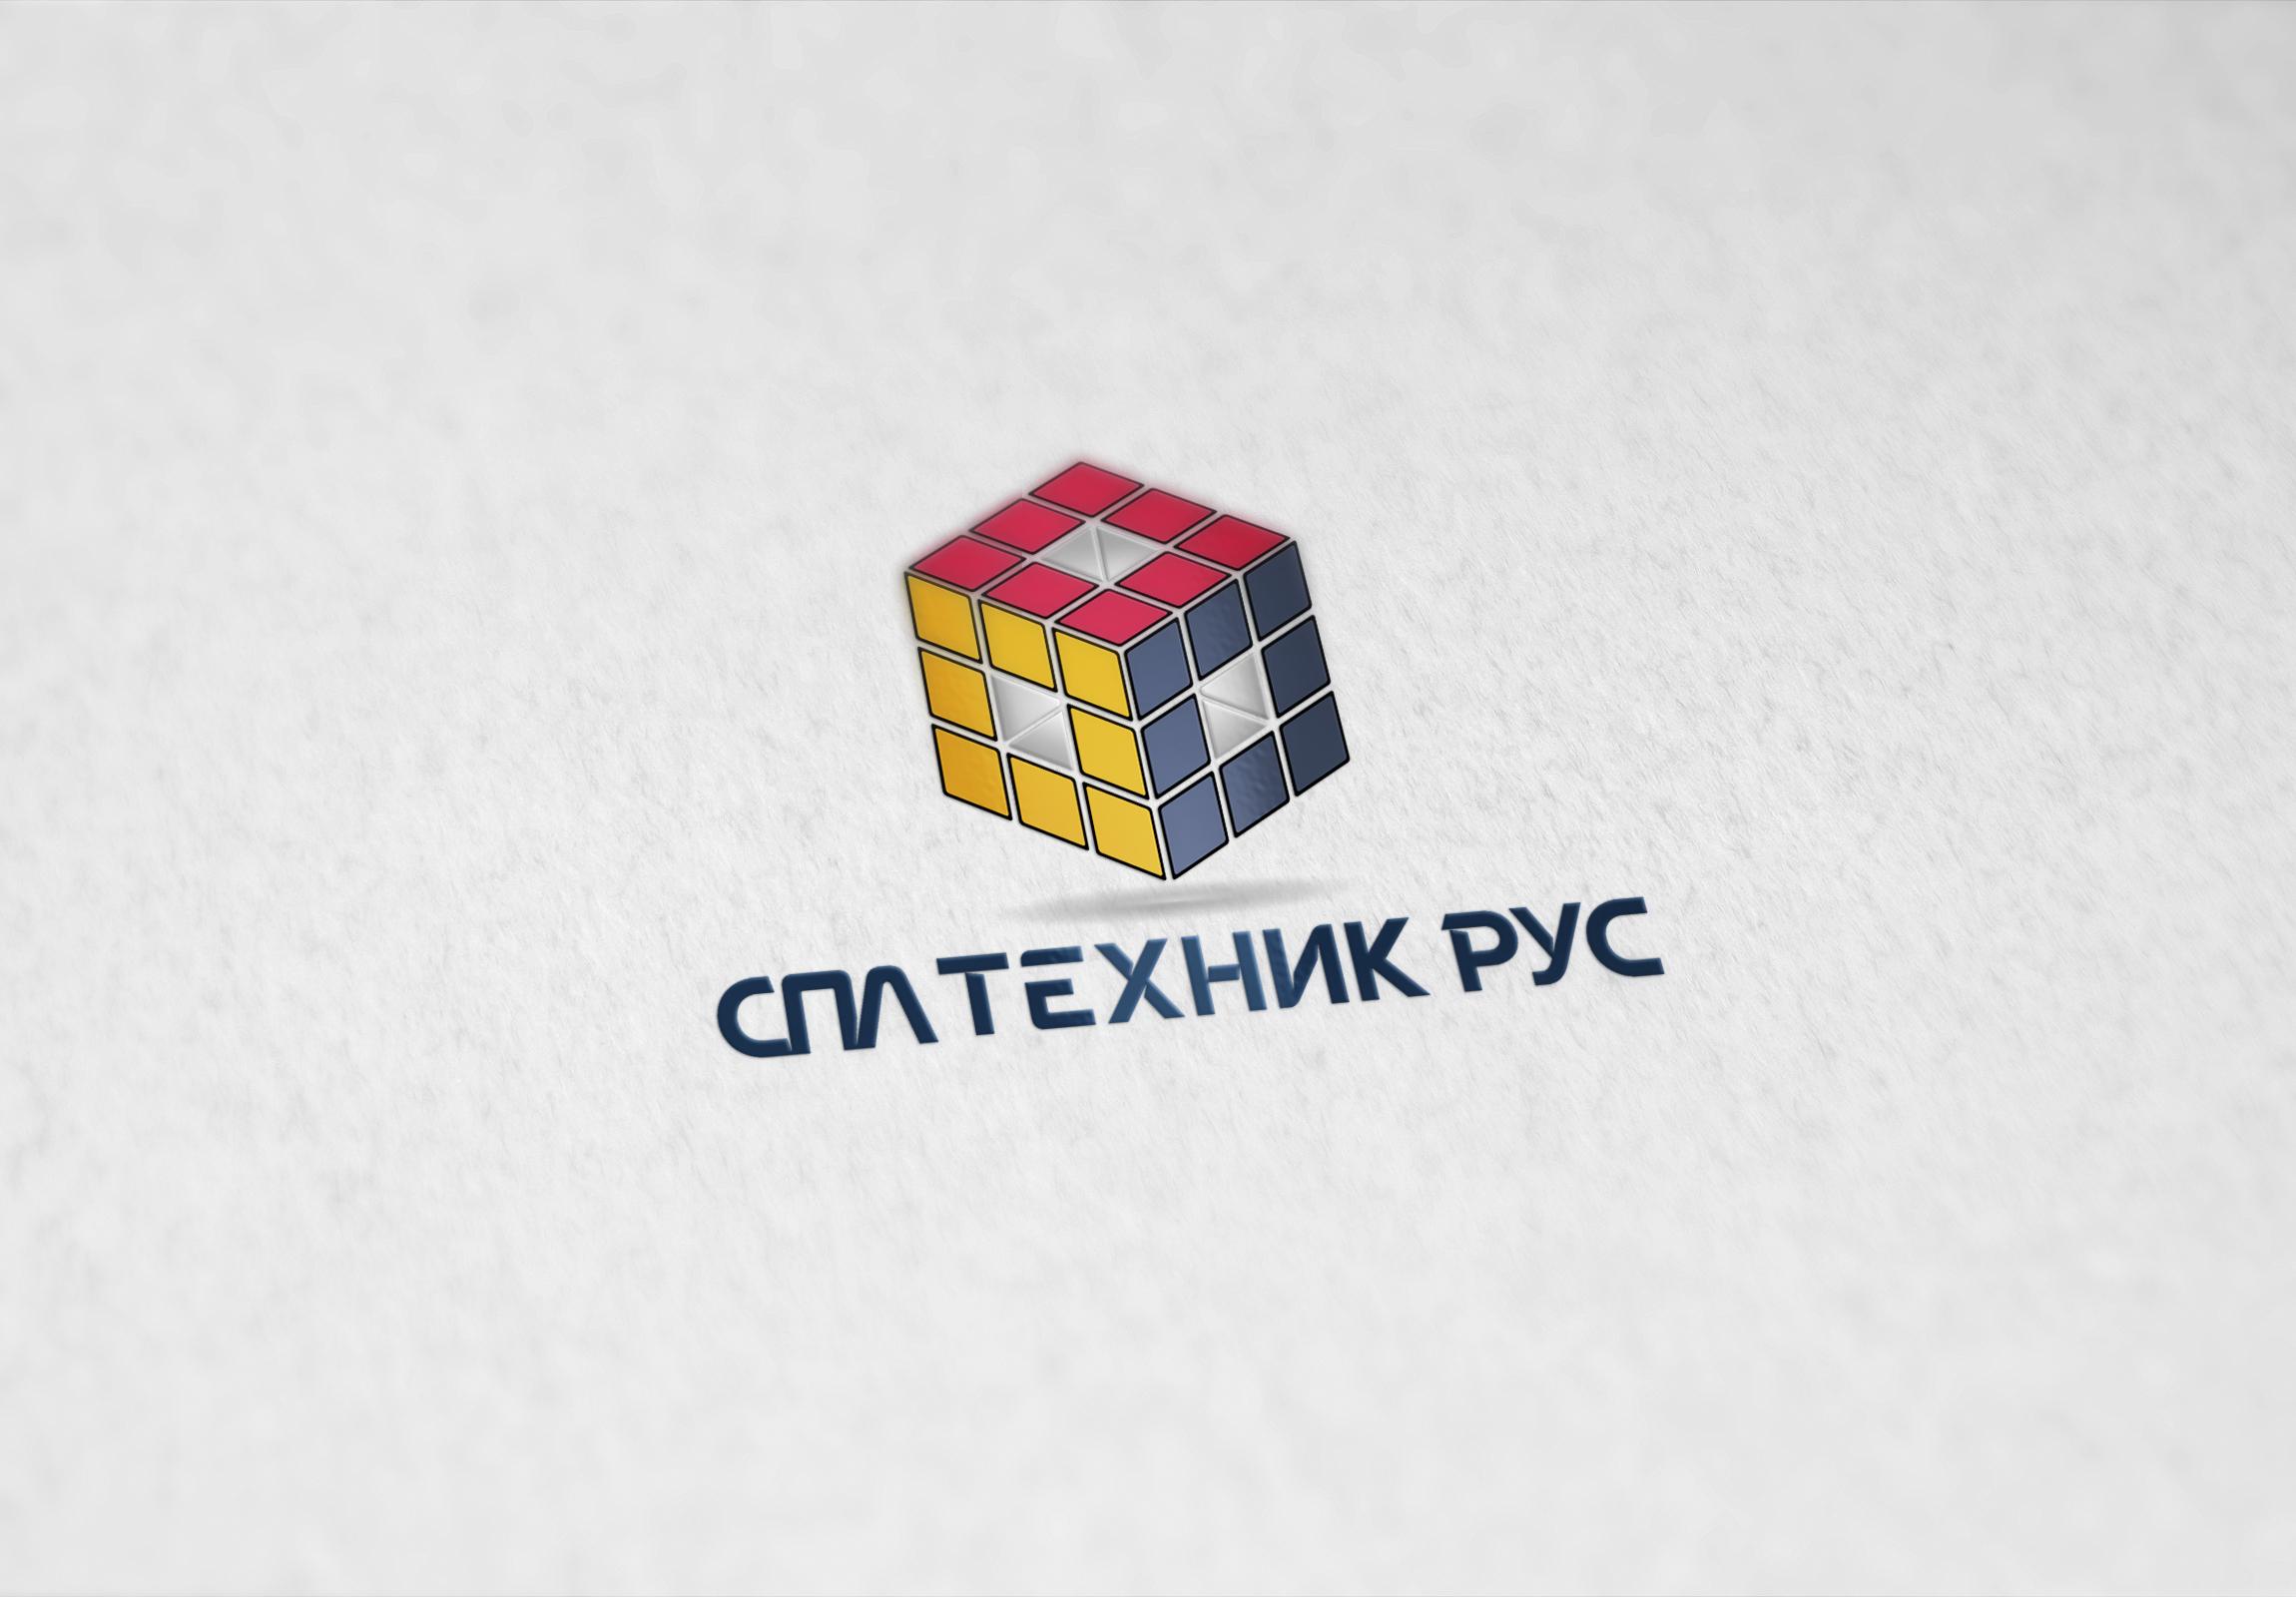 Разработка логотипа и фирменного стиля фото f_64059afc21c93ad1.jpg